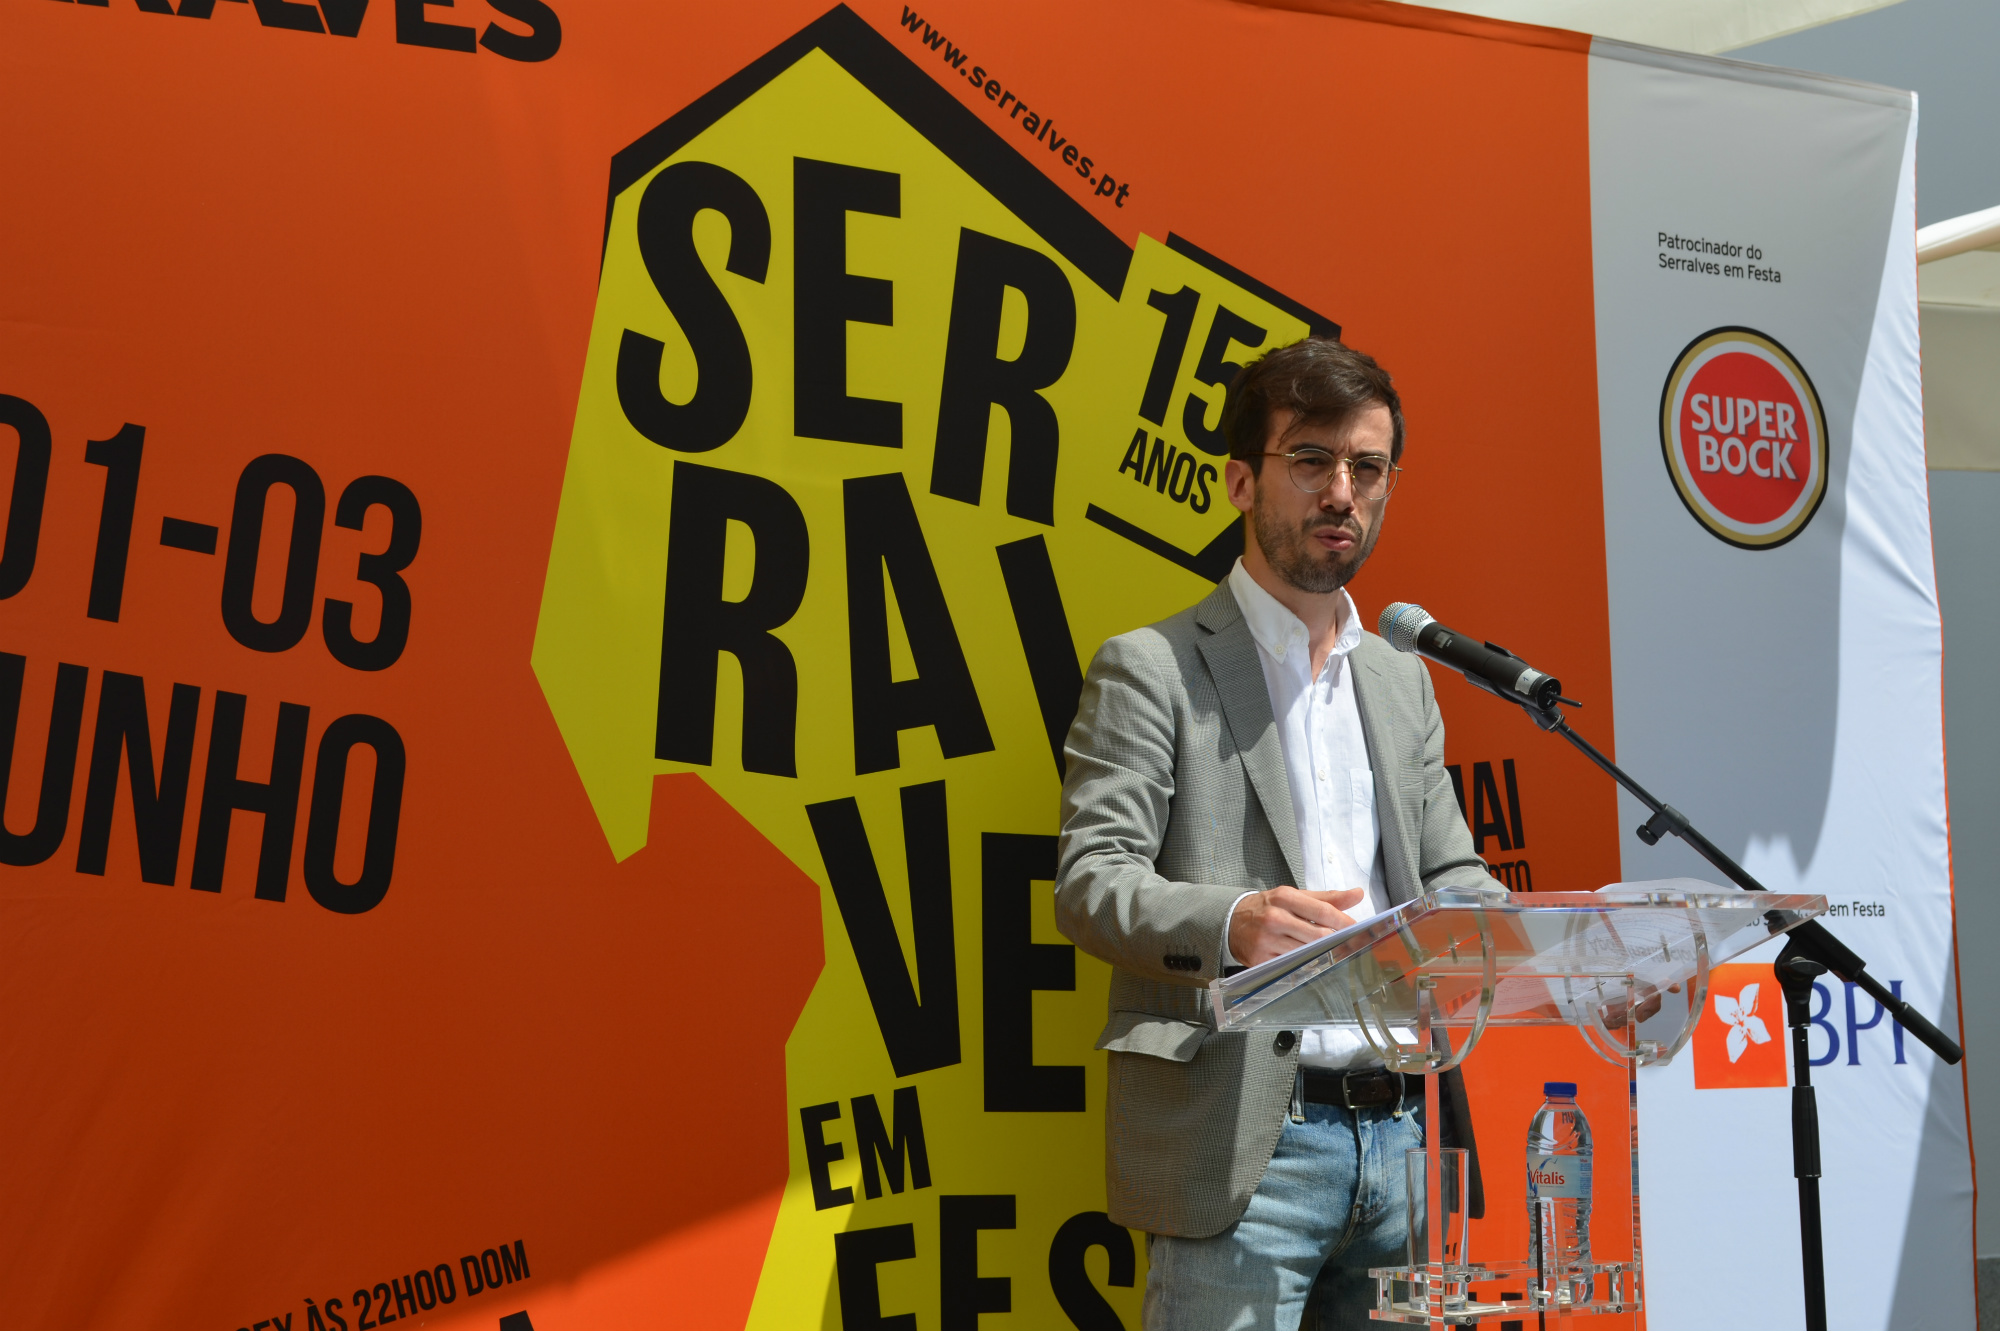 João Ribas apresentou o programa durante a conferência de imprensa esta terça feira. Foto: Ana Jorge Teixeira